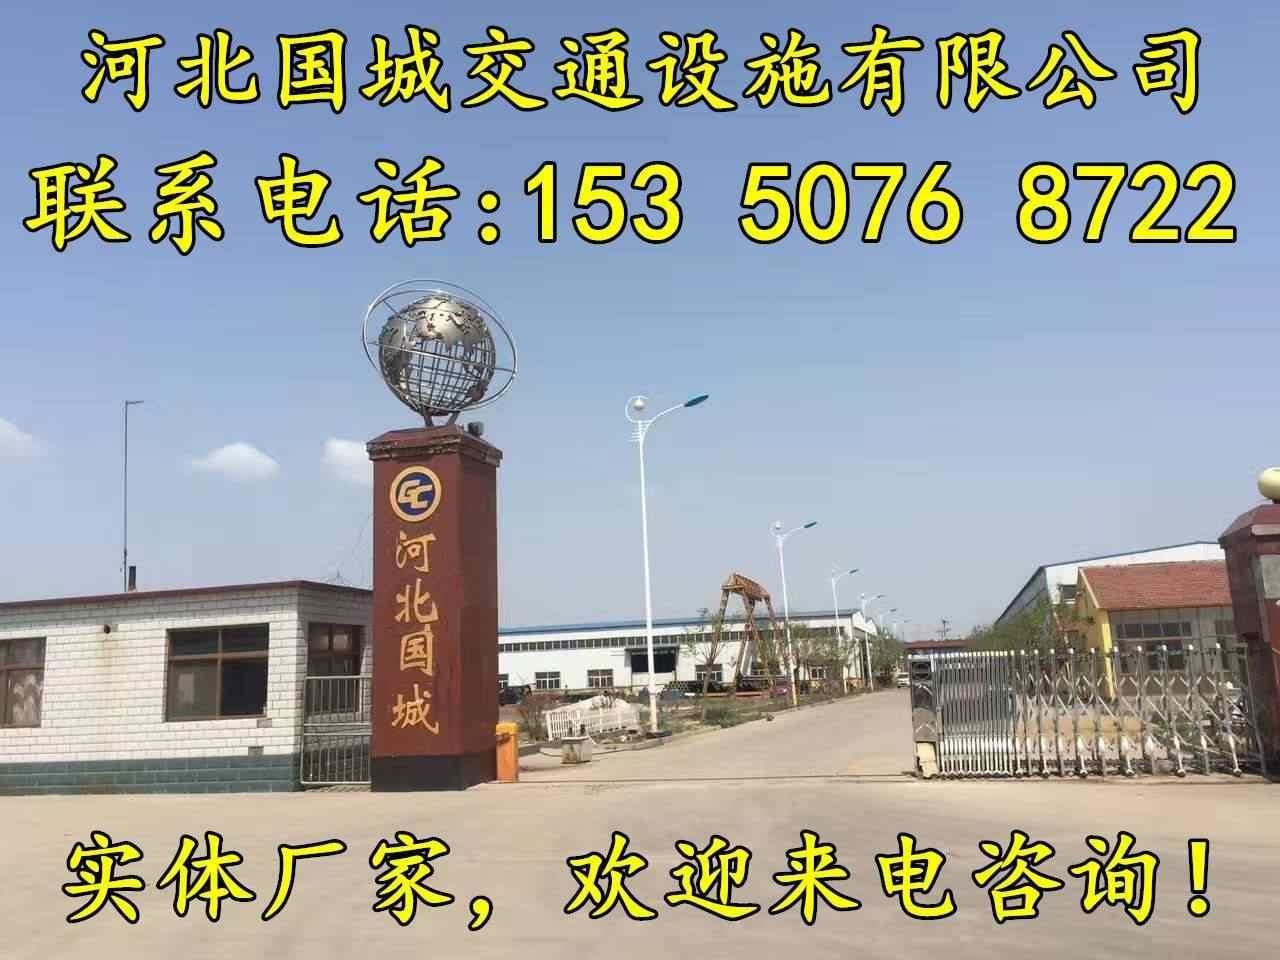 河北国城交通设施有限公司